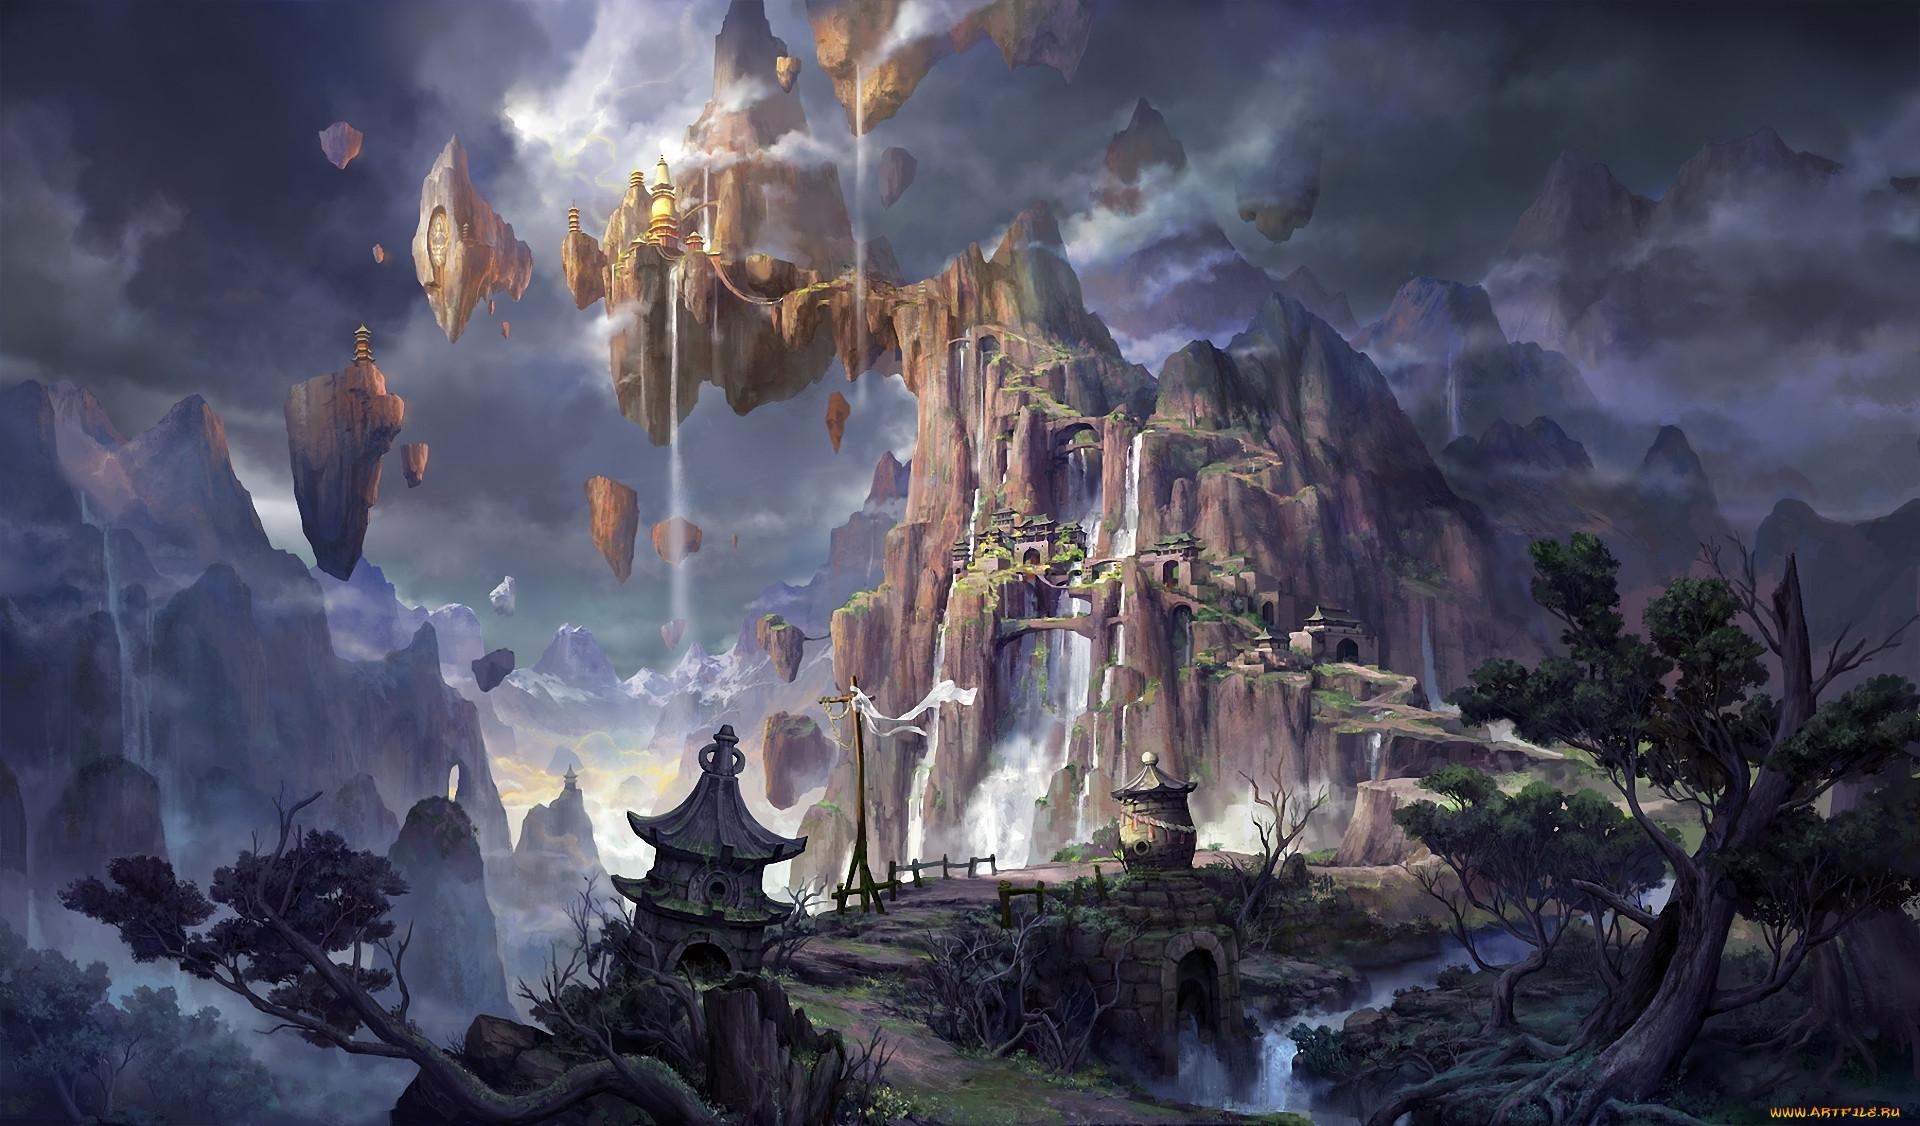 Фотосессия в стиле игры престолов